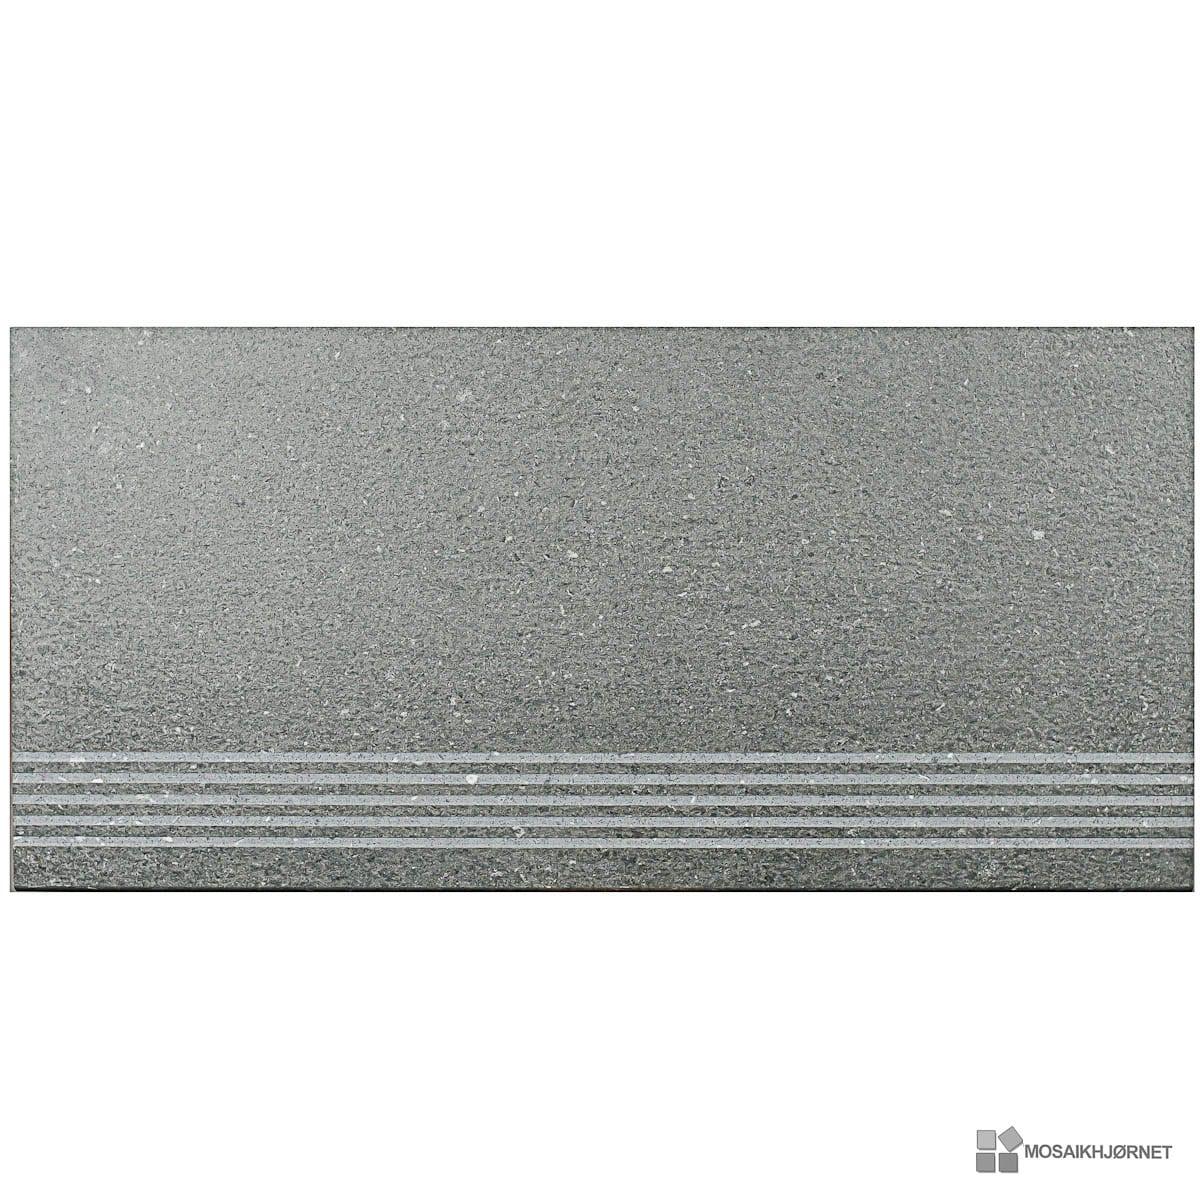 Basalto Grigio PS trappe 30x60 - Mosaikhjørnet - Fliser, klinker og ...